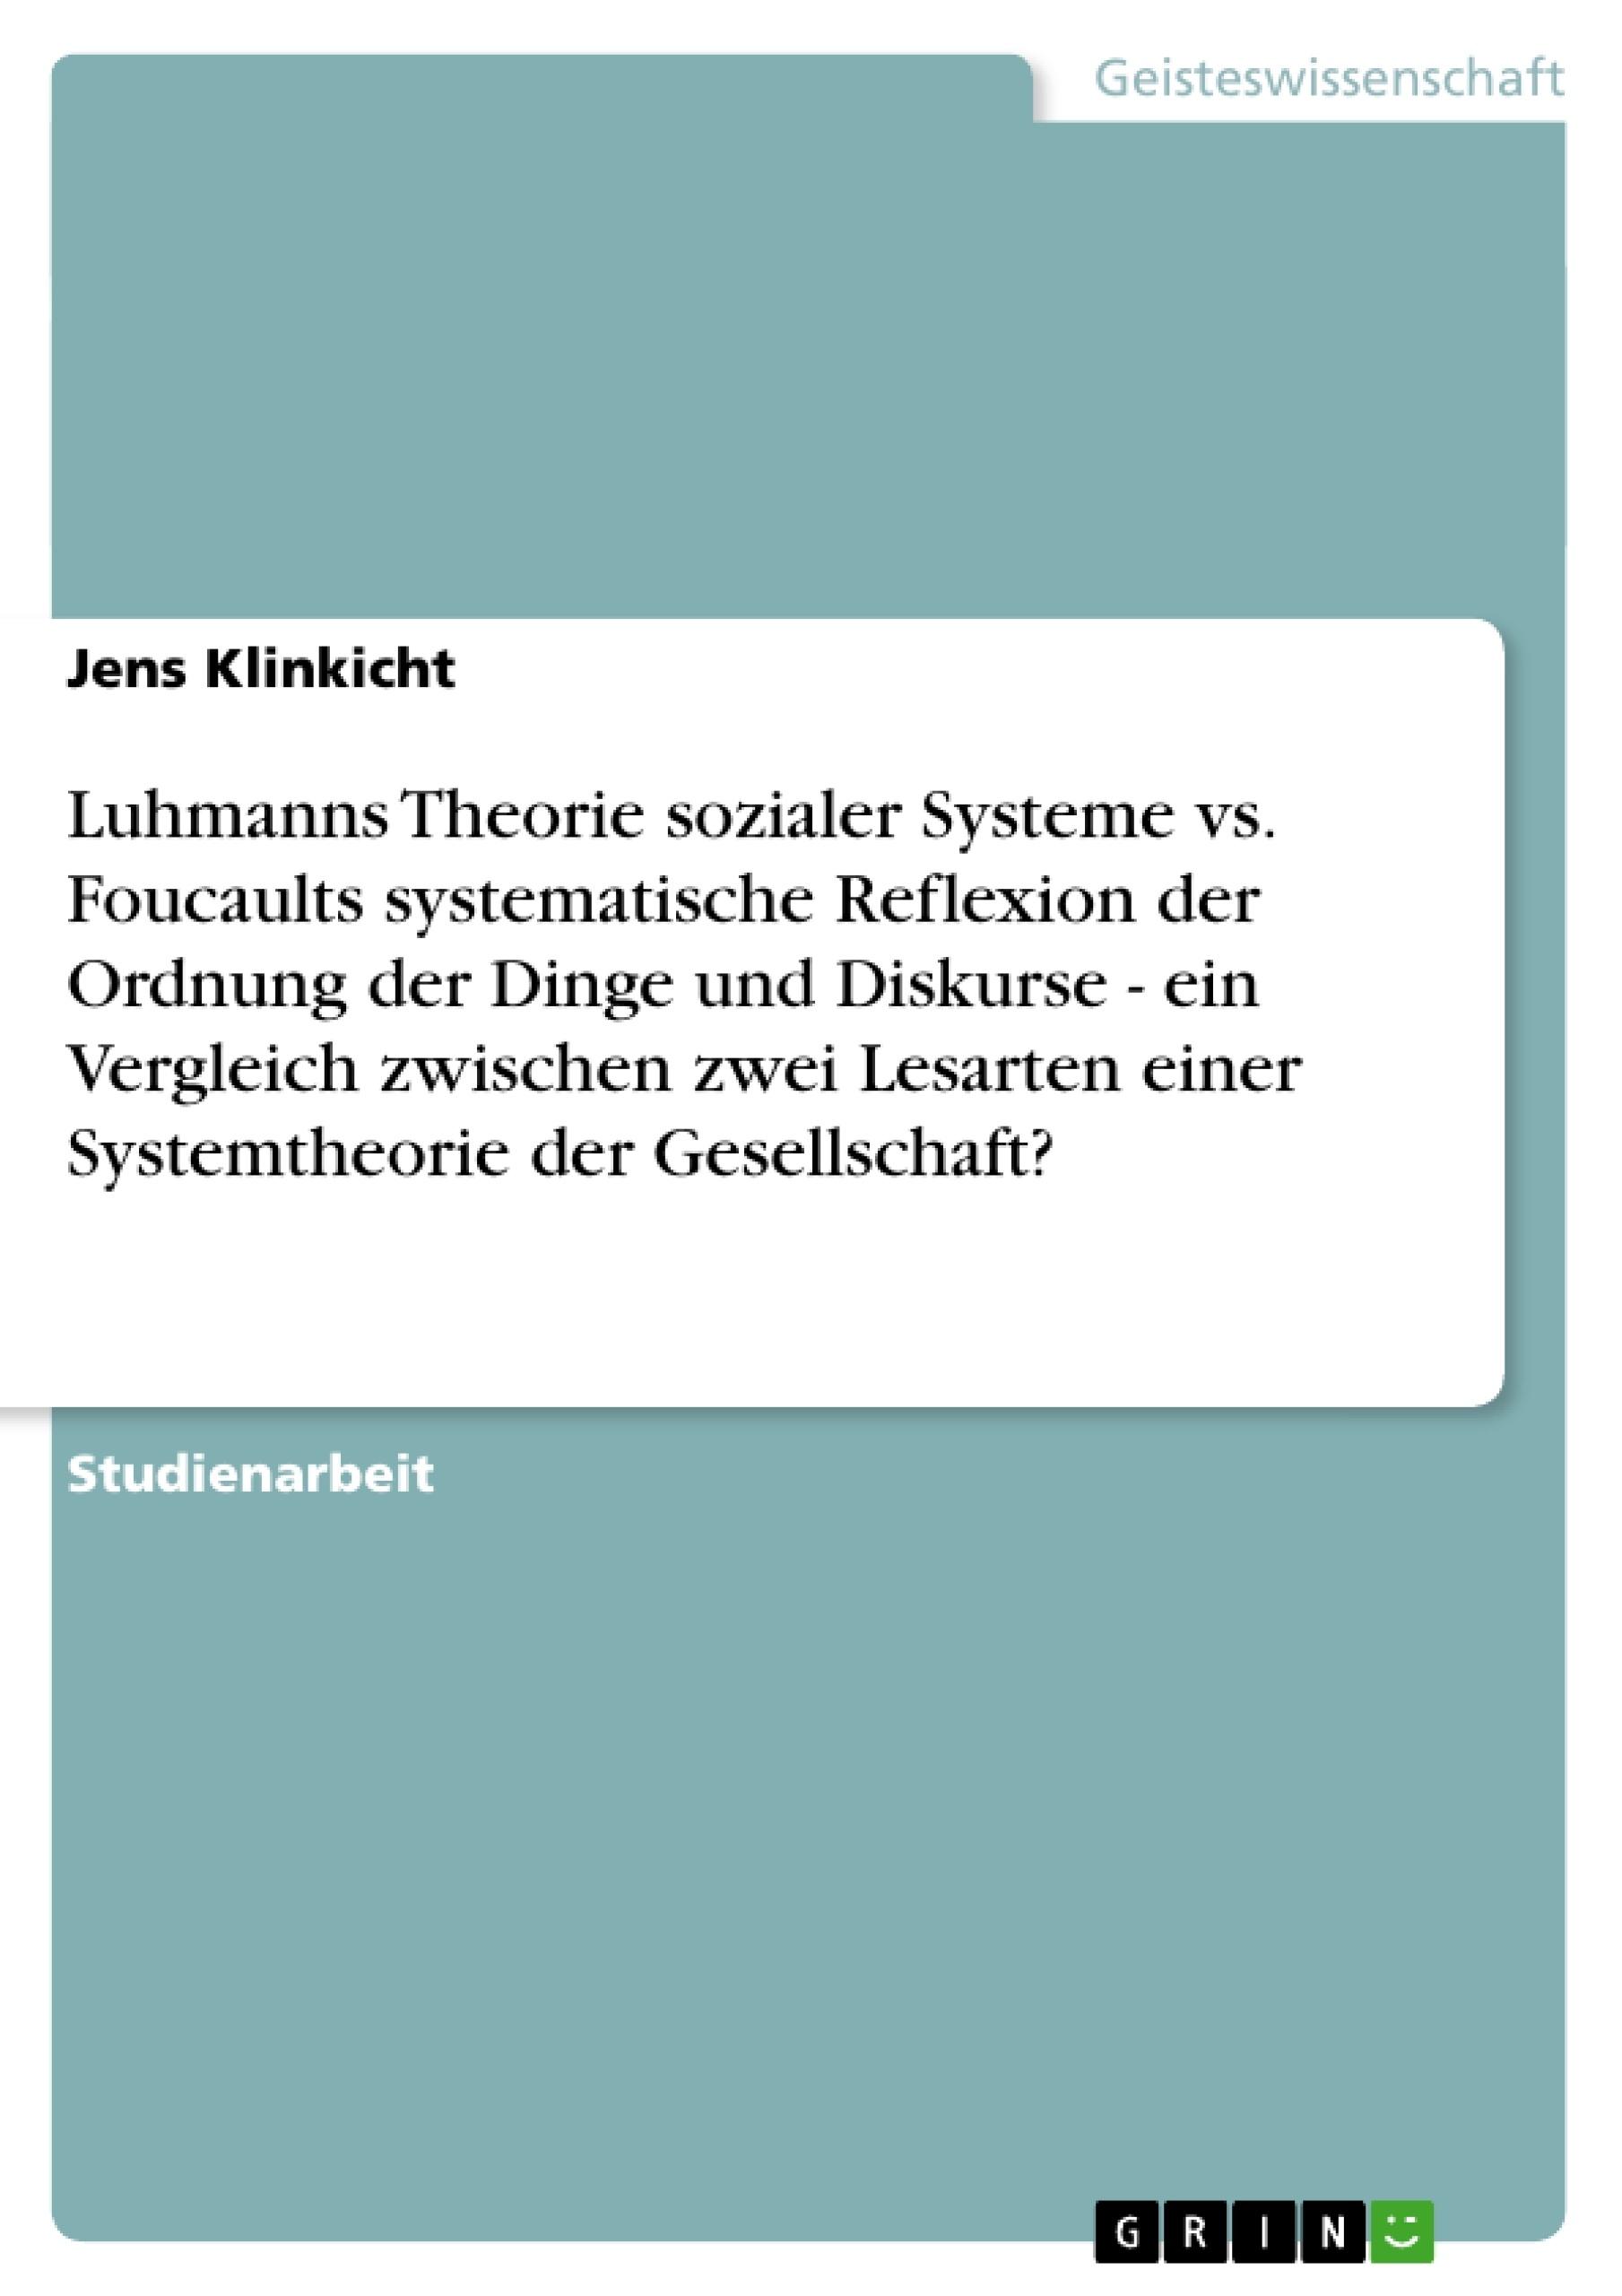 Titel: Luhmanns Theorie sozialer Systeme vs. Foucaults systematische Reflexion der Ordnung der Dinge und Diskurse - ein Vergleich zwischen zwei Lesarten einer Systemtheorie der Gesellschaft?